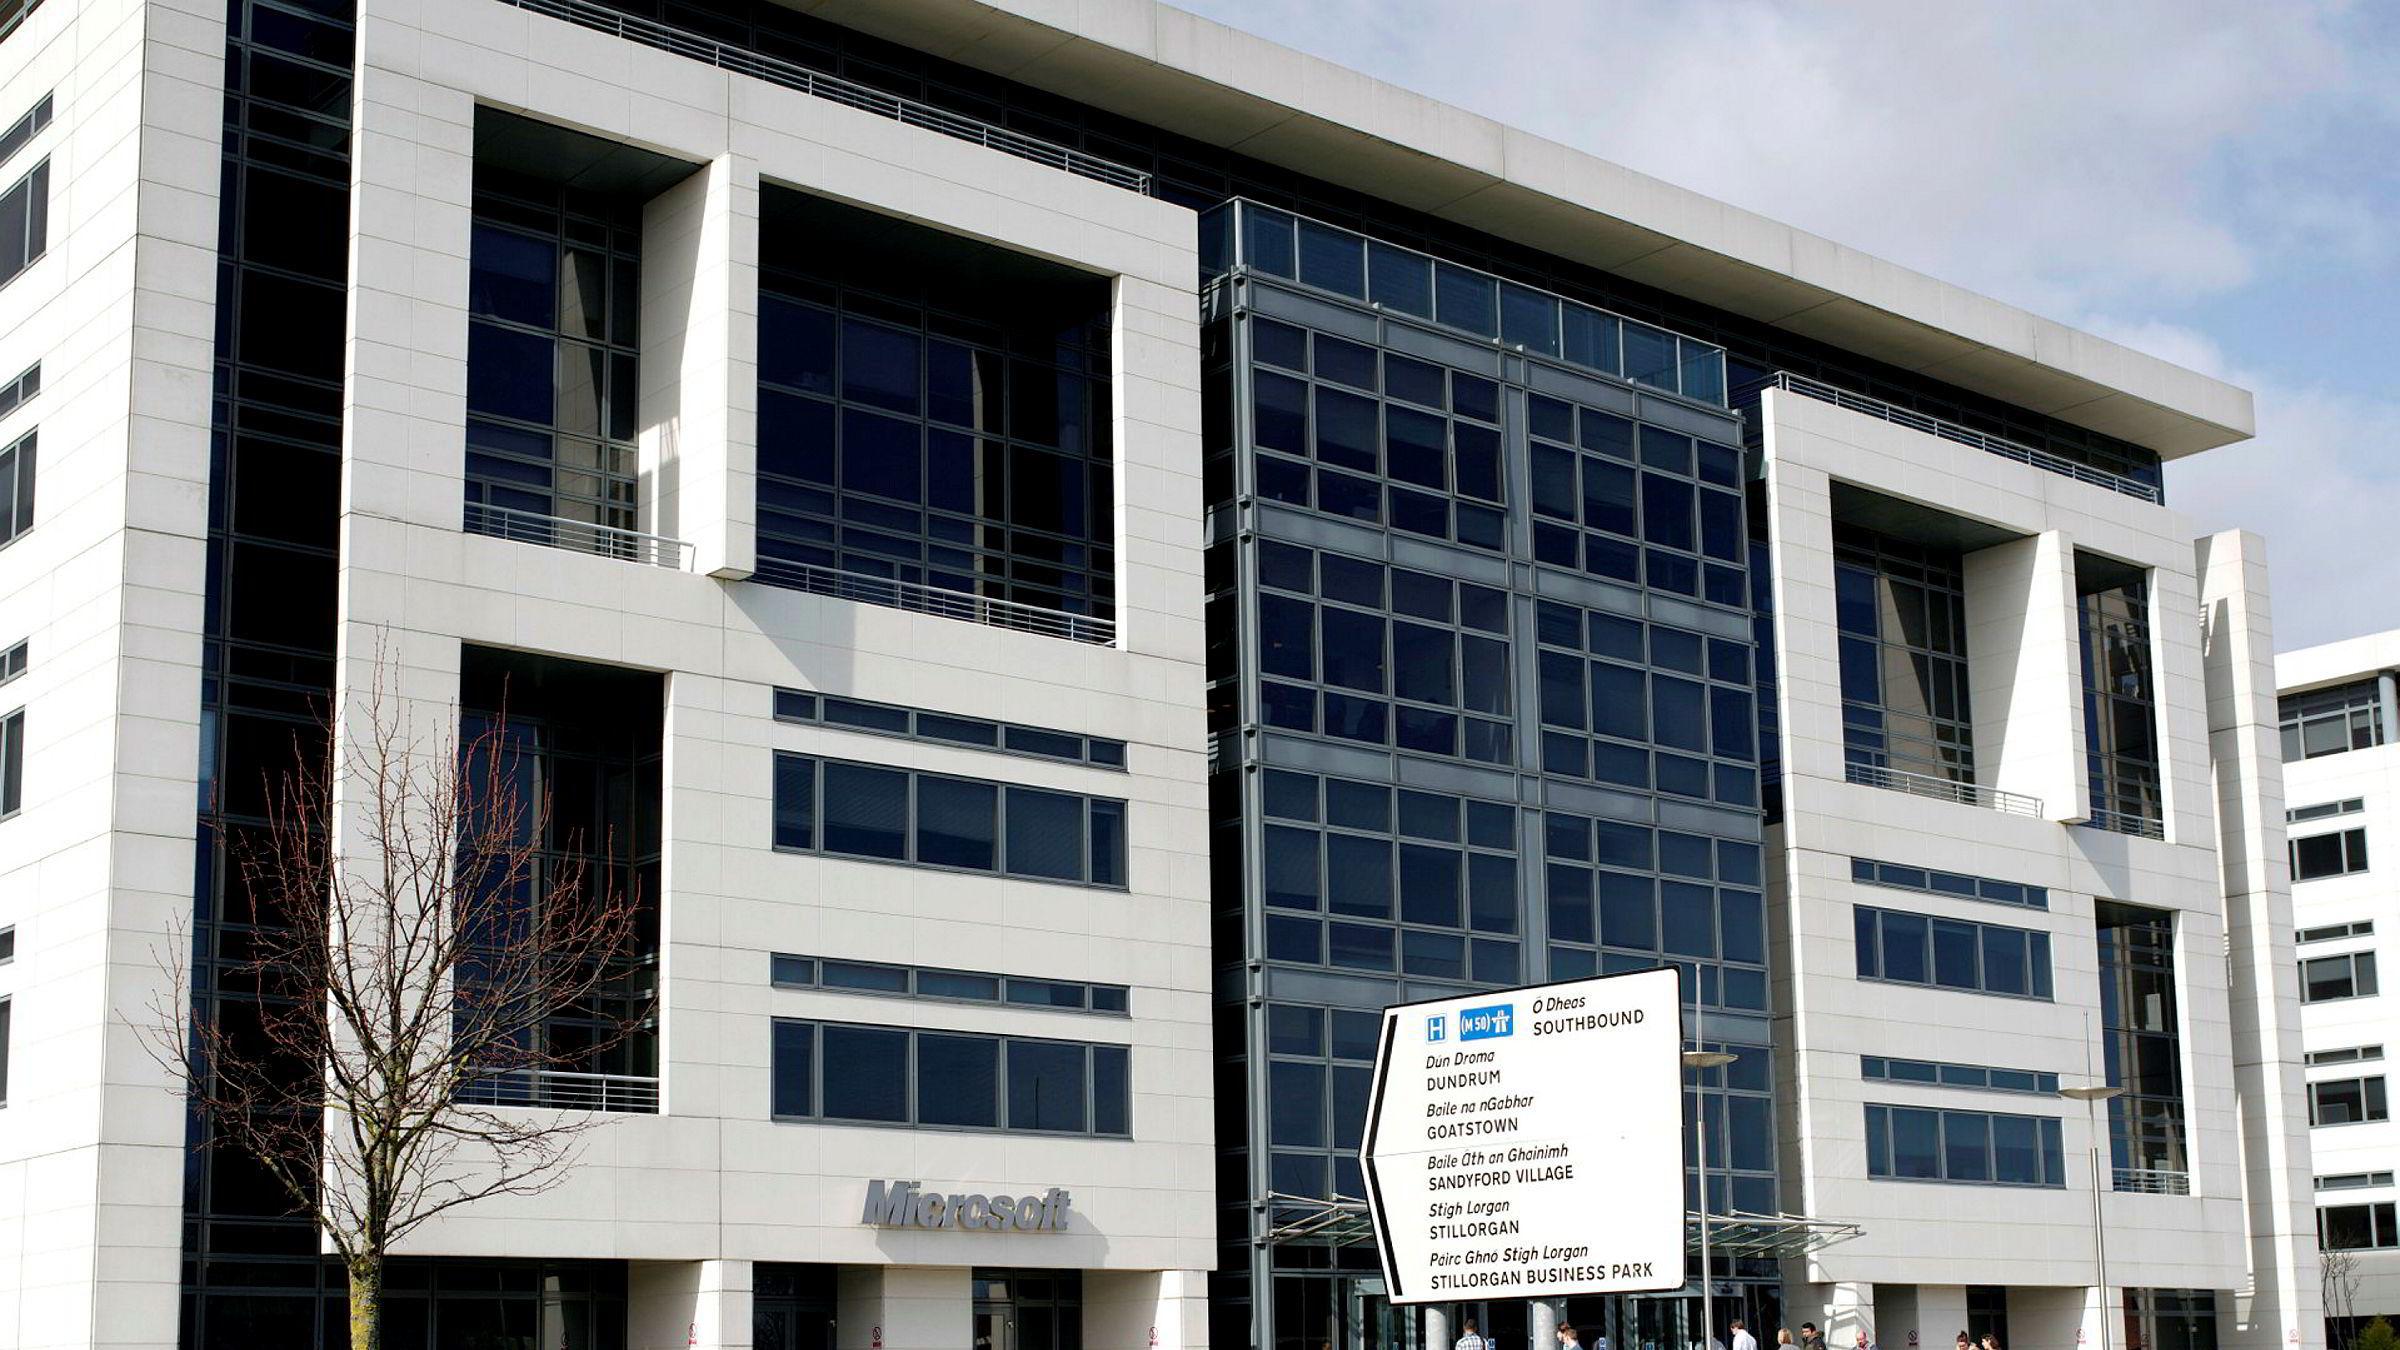 I forbindelse med etterforskningen i en narkotikasak fikk Microsoft rettslig pålegg om å utlevere data som blant annet var lagret i et megadatasenter utenfor Dublin i Irland, skriver innleggsforfatteren.